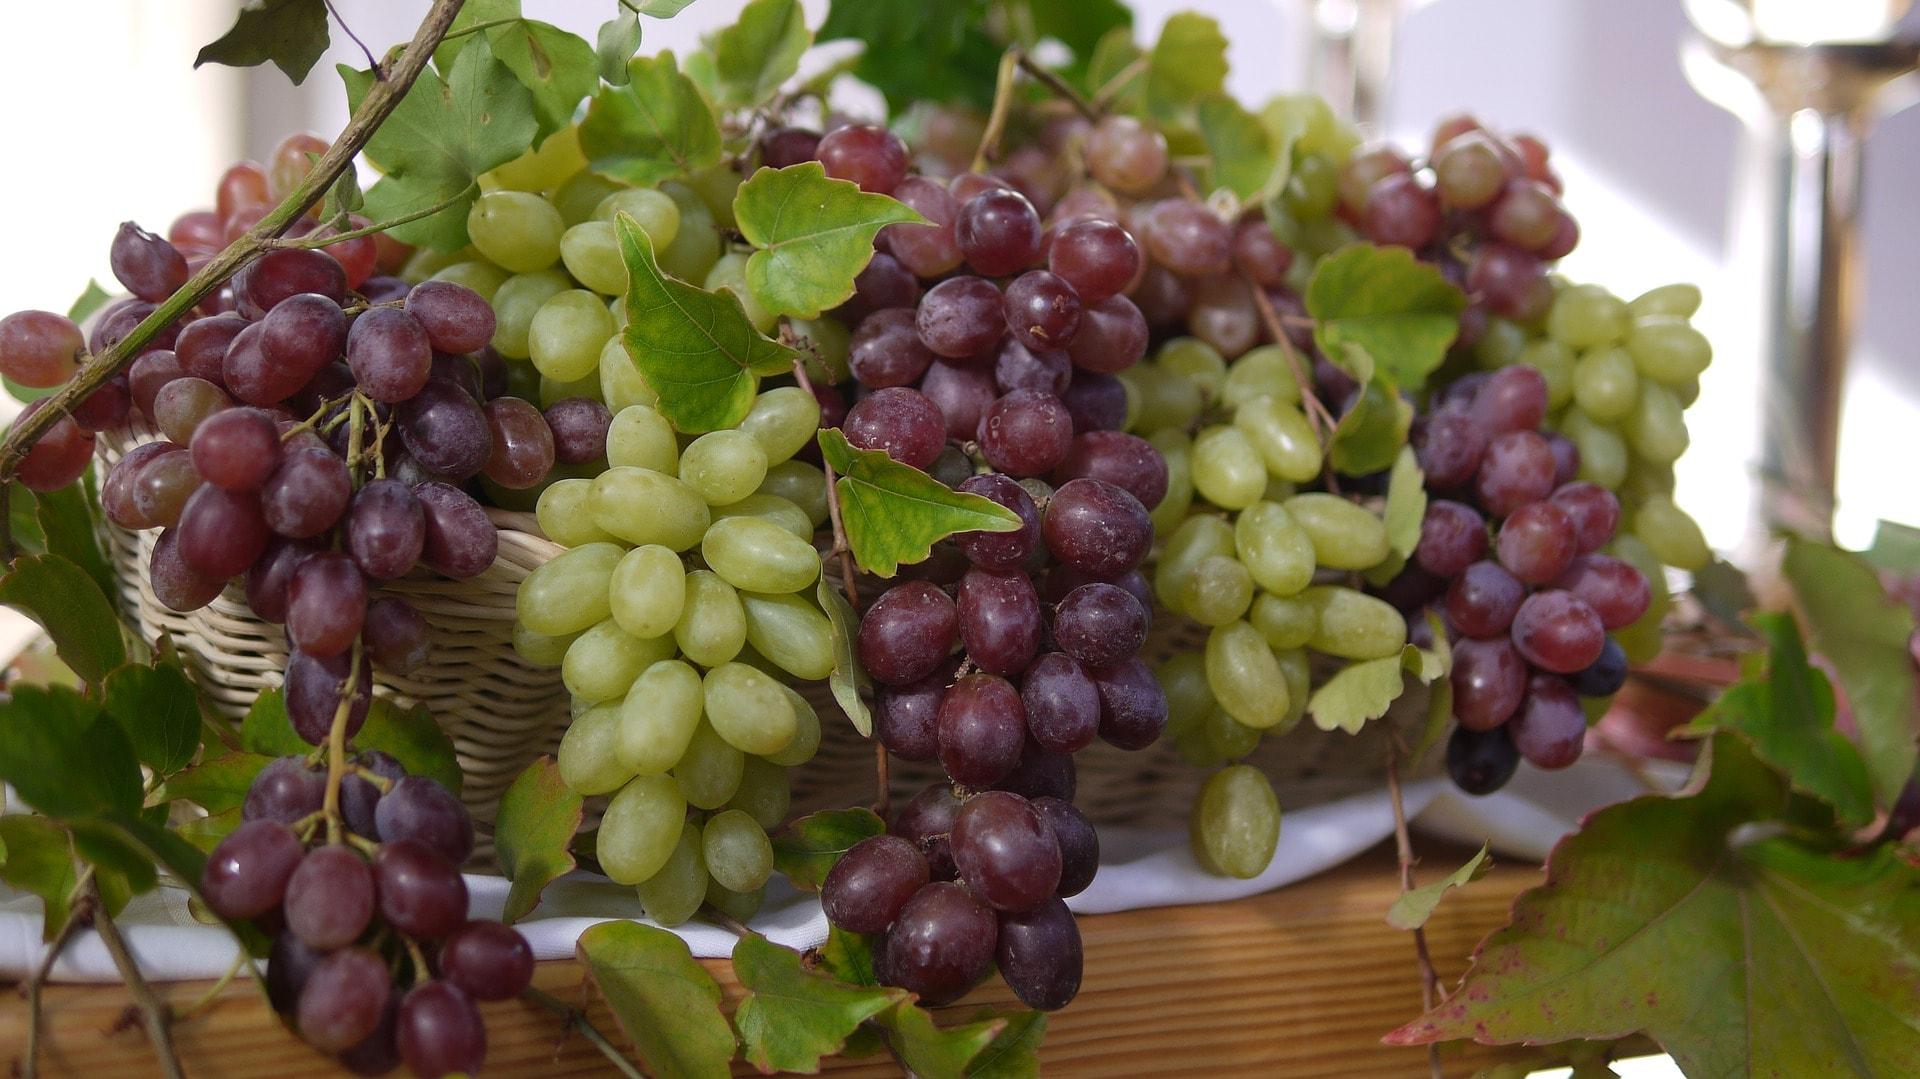 geriausios vynuogių sultys širdies sveikatai hipertenzija nei žemesnis kraujospūdis